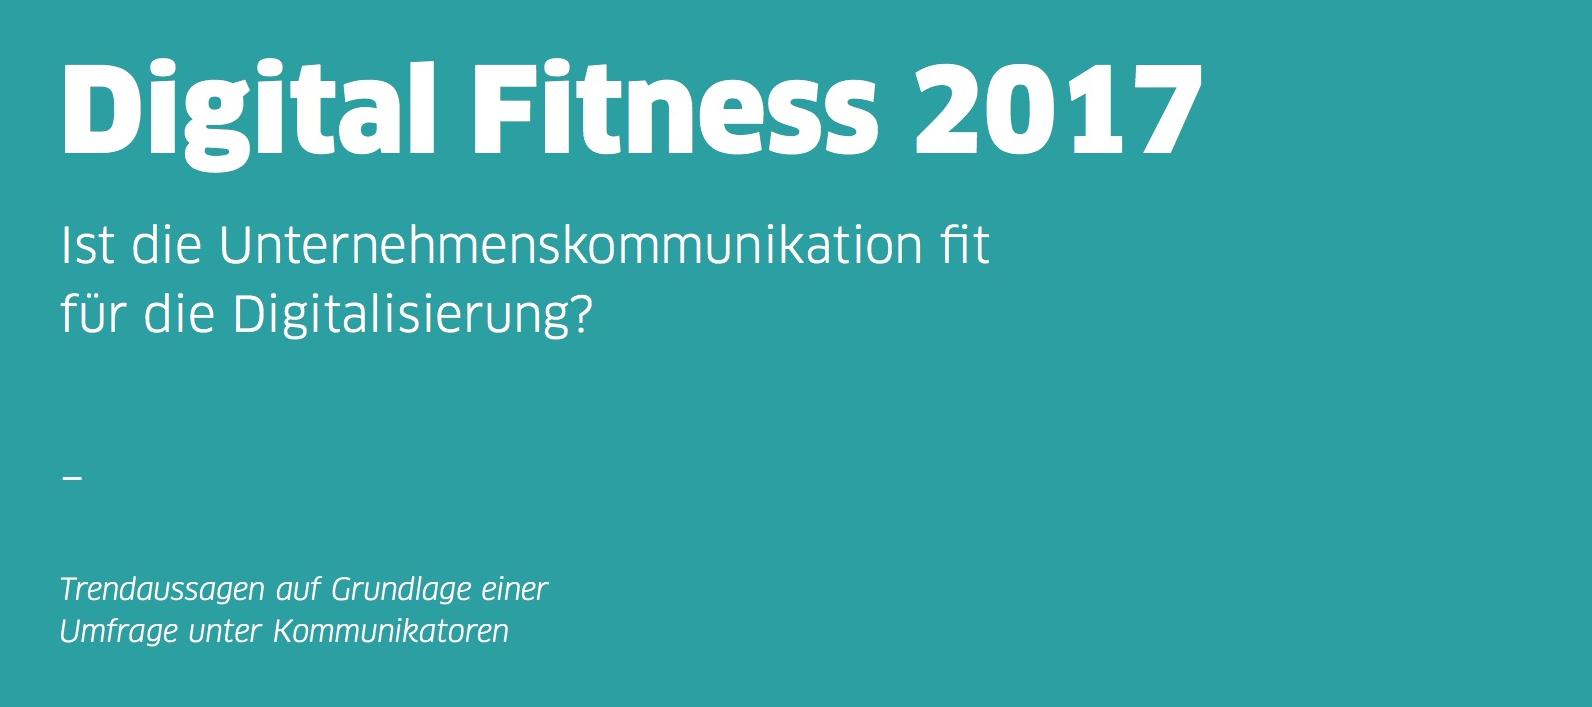 Digital Fitness Studie-2017_Titel_Teil